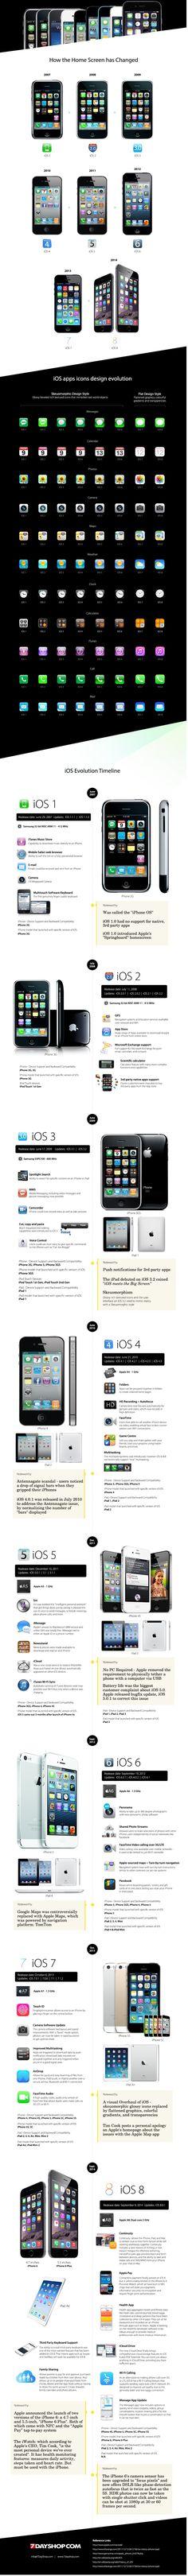 Die Evolution von Apple iOS